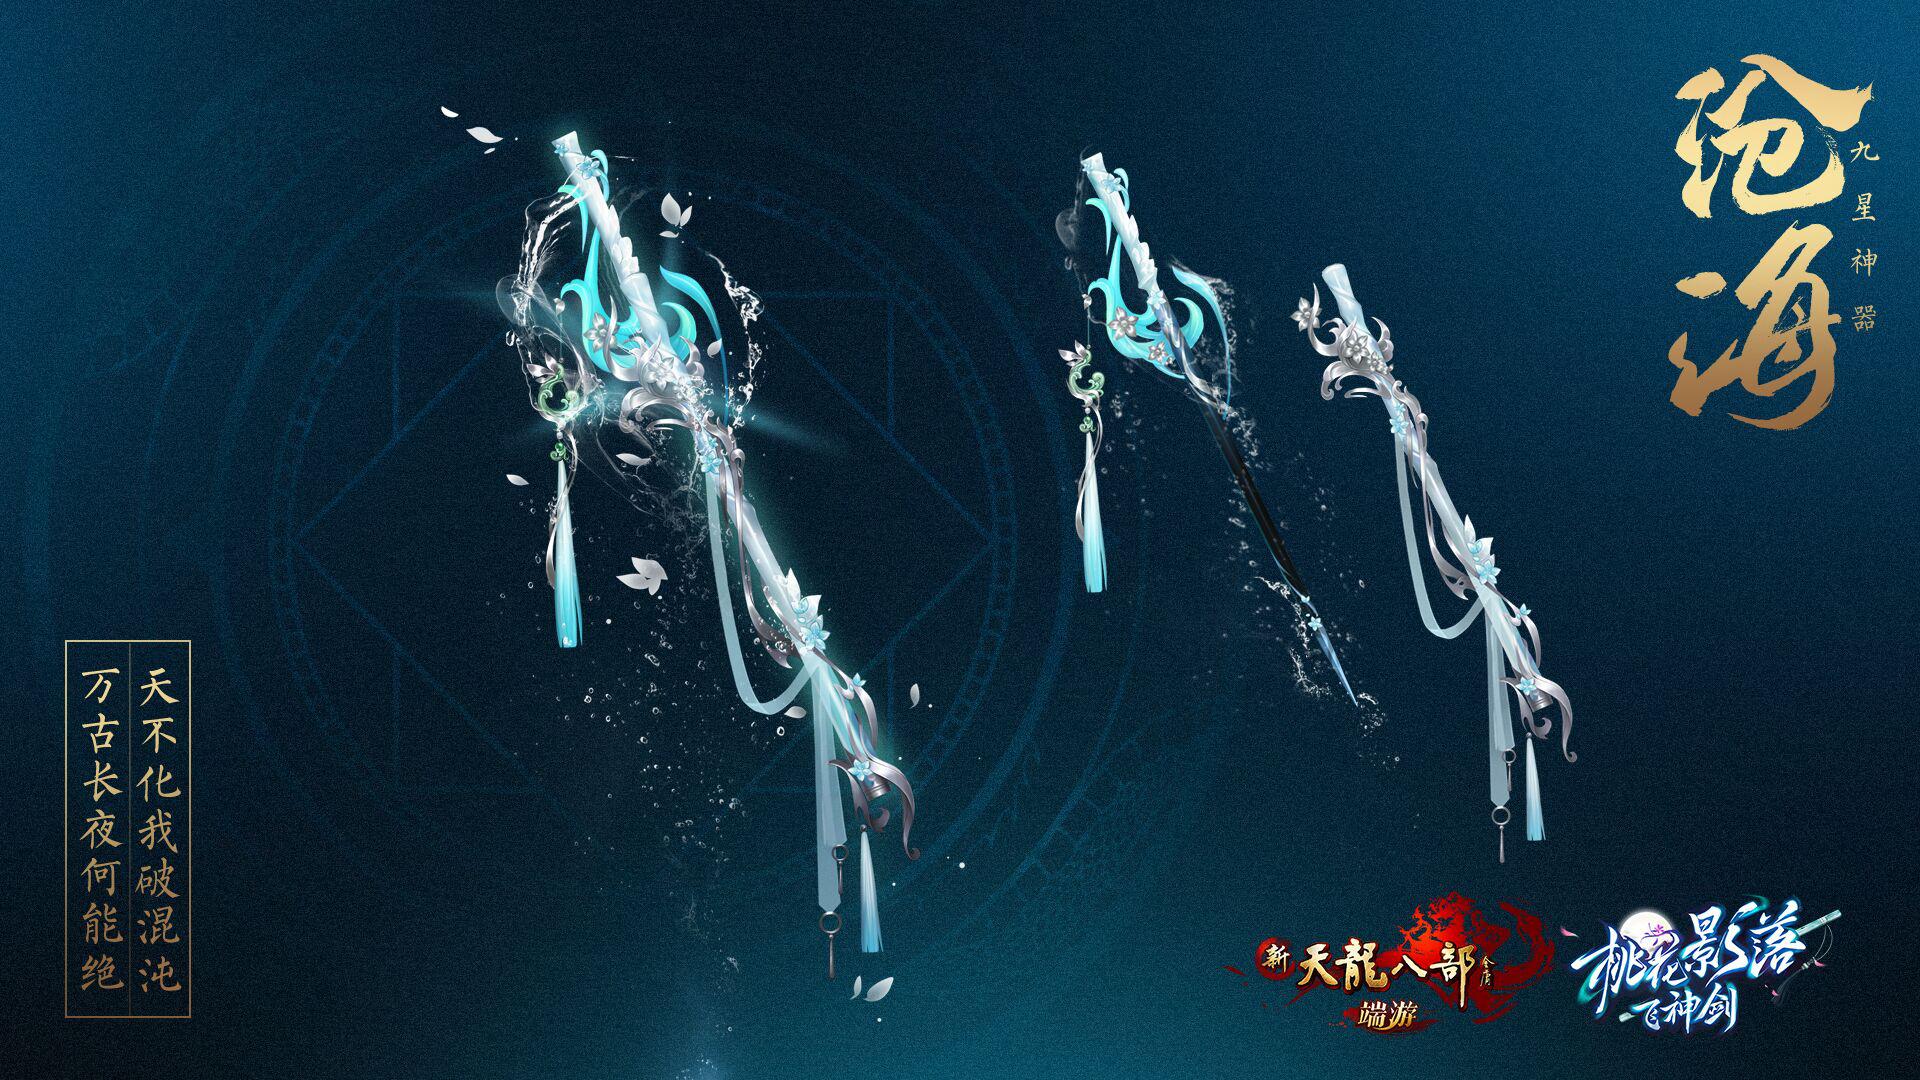 图2:箫中剑